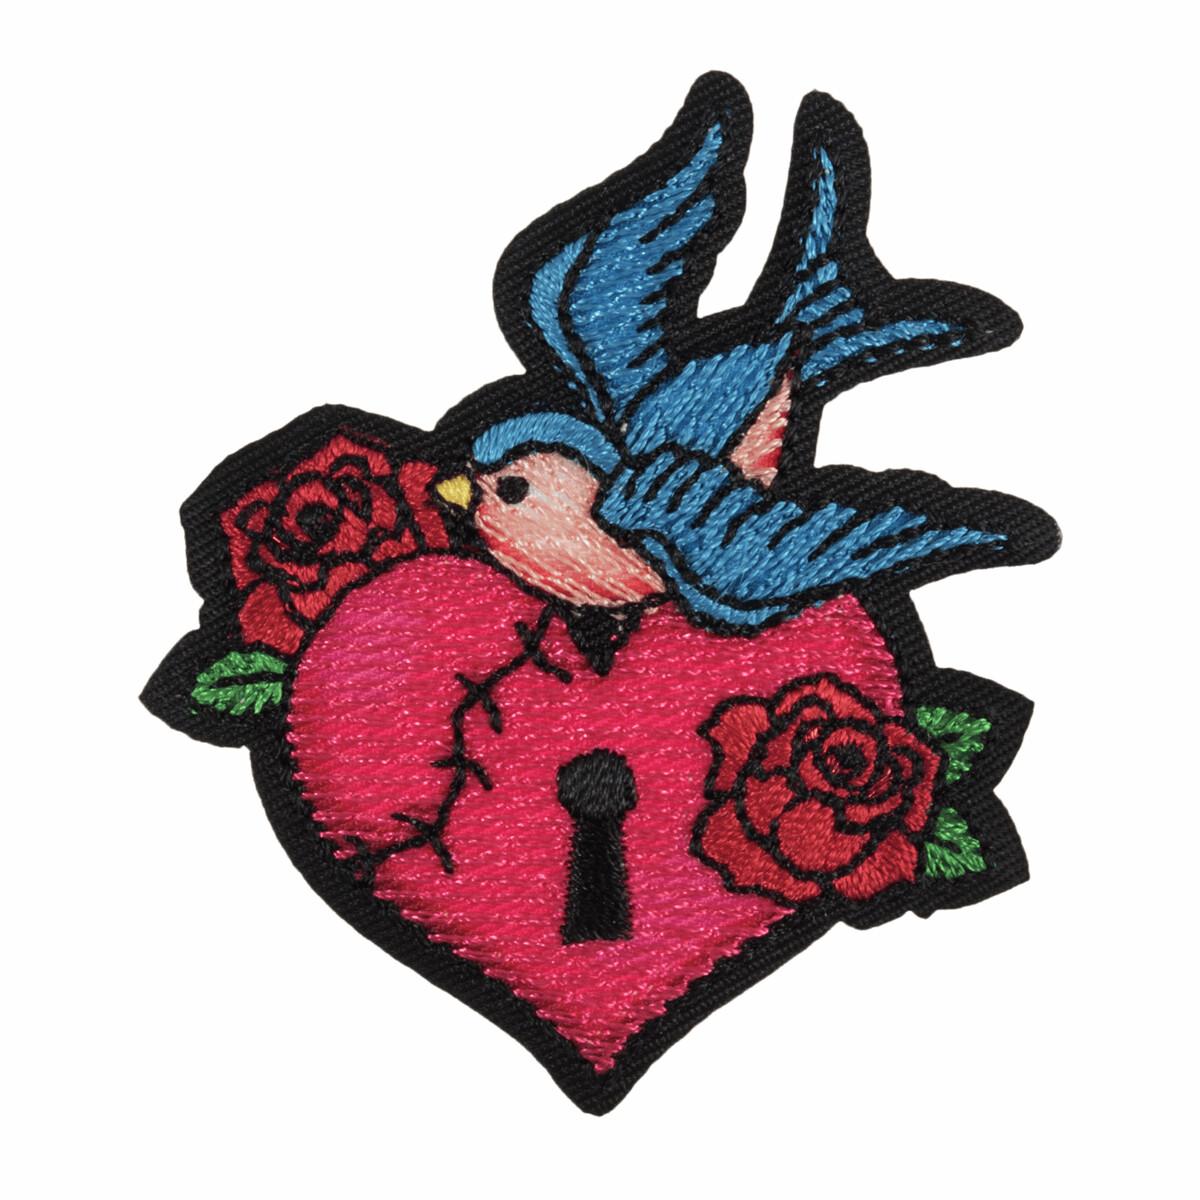 Motif - Heart Lock and Bluebird